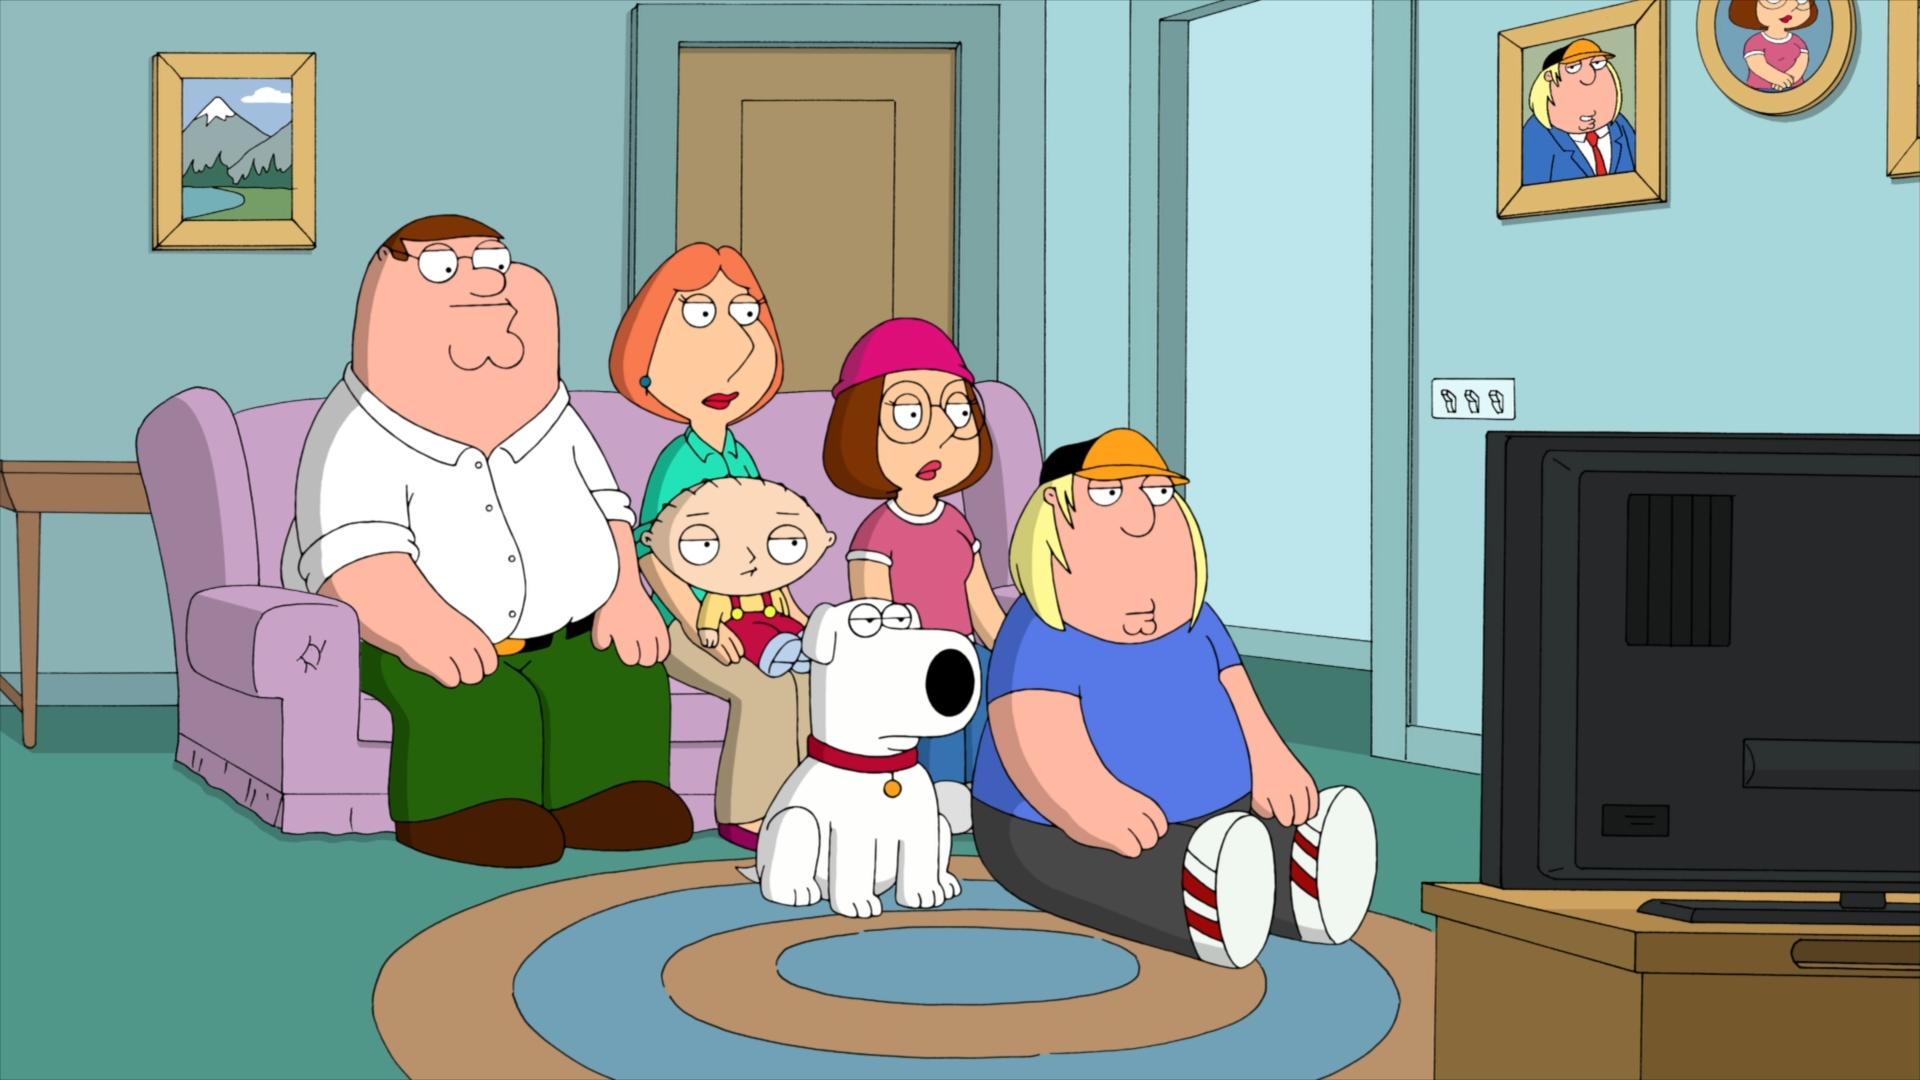 Best Family Guy Desktop Wallpaper High Resolution Wallpaper Full Size 1920x1080